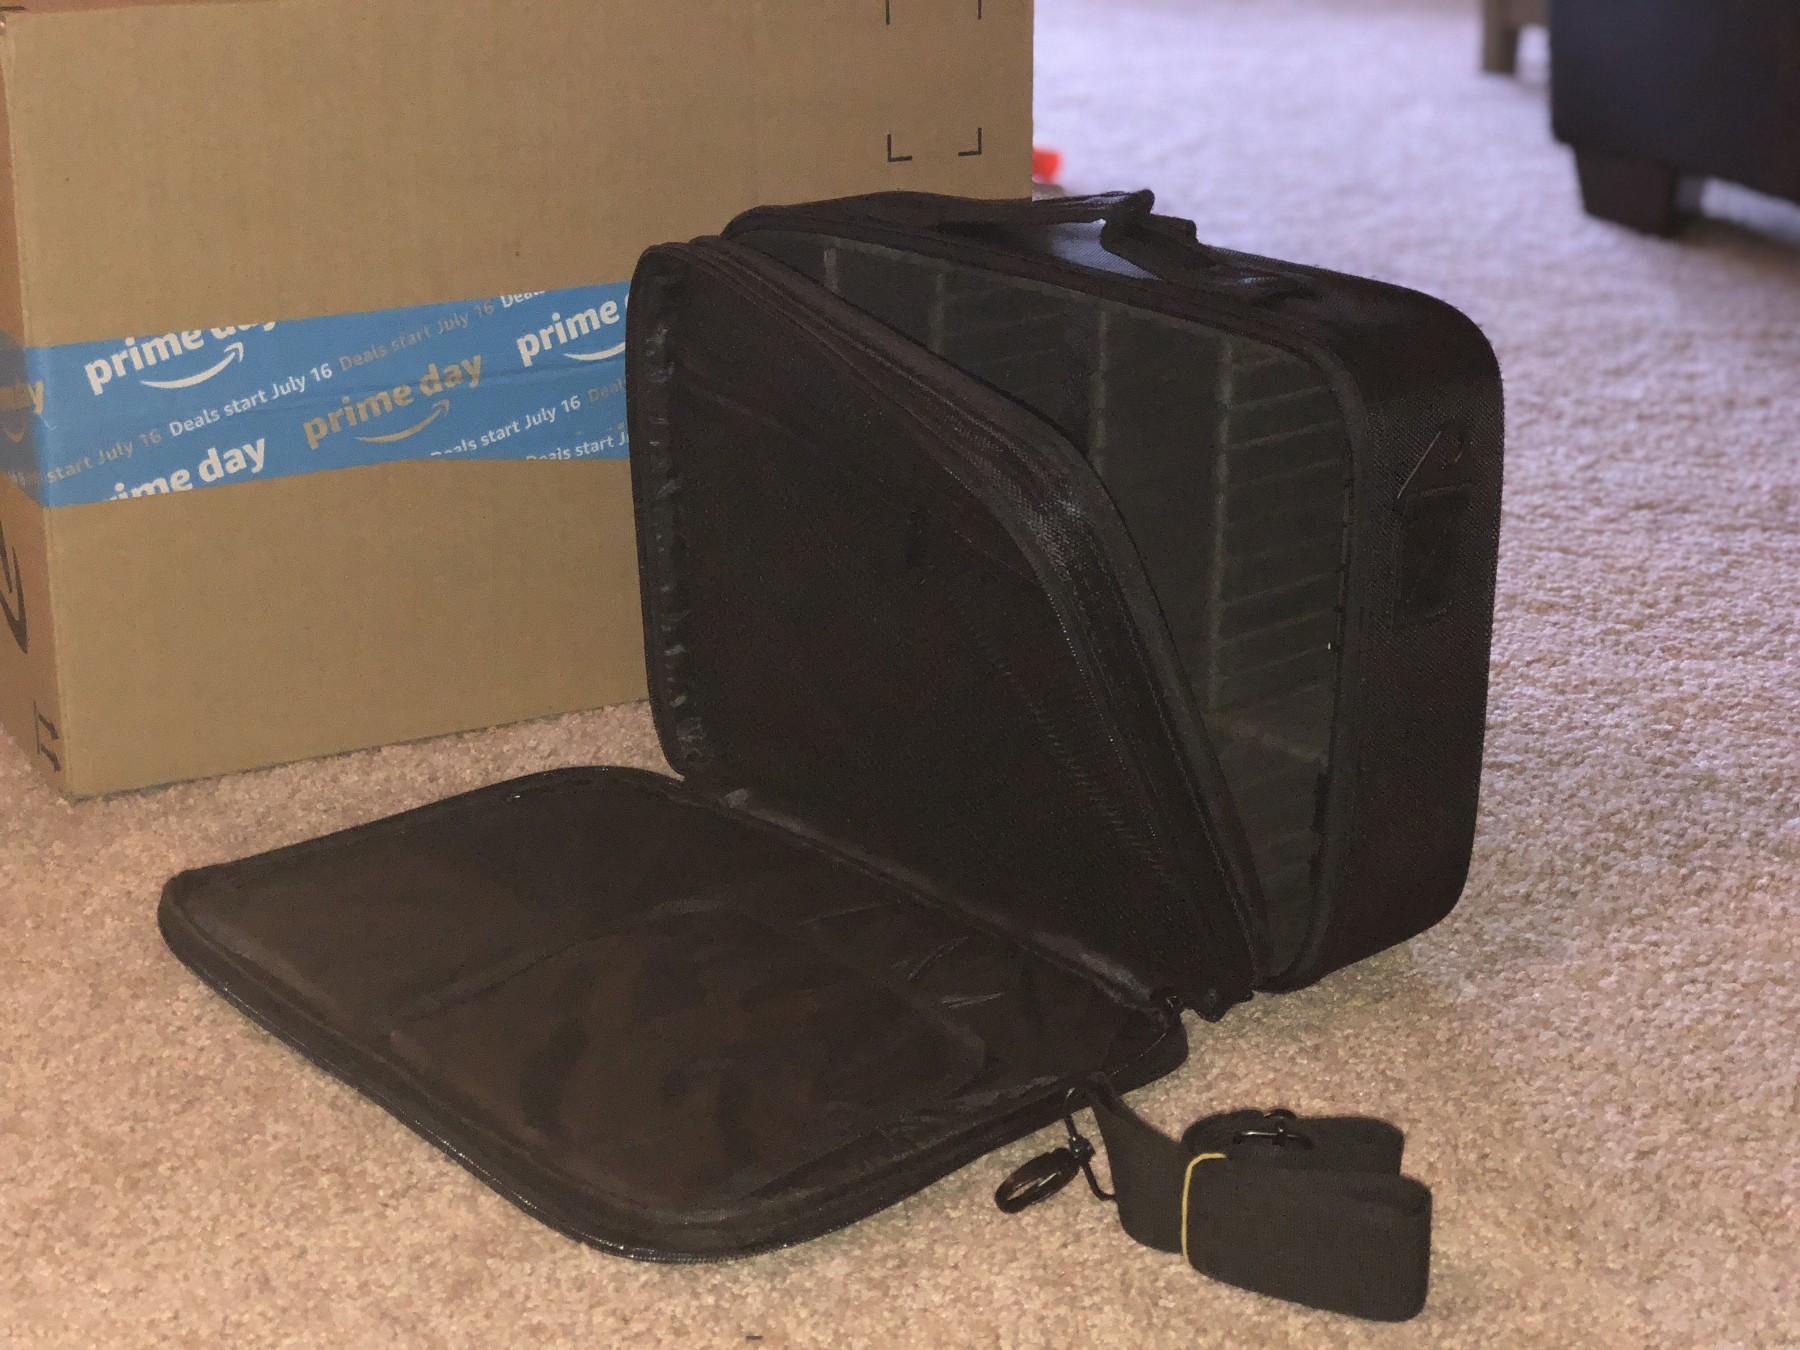 Best case!!!